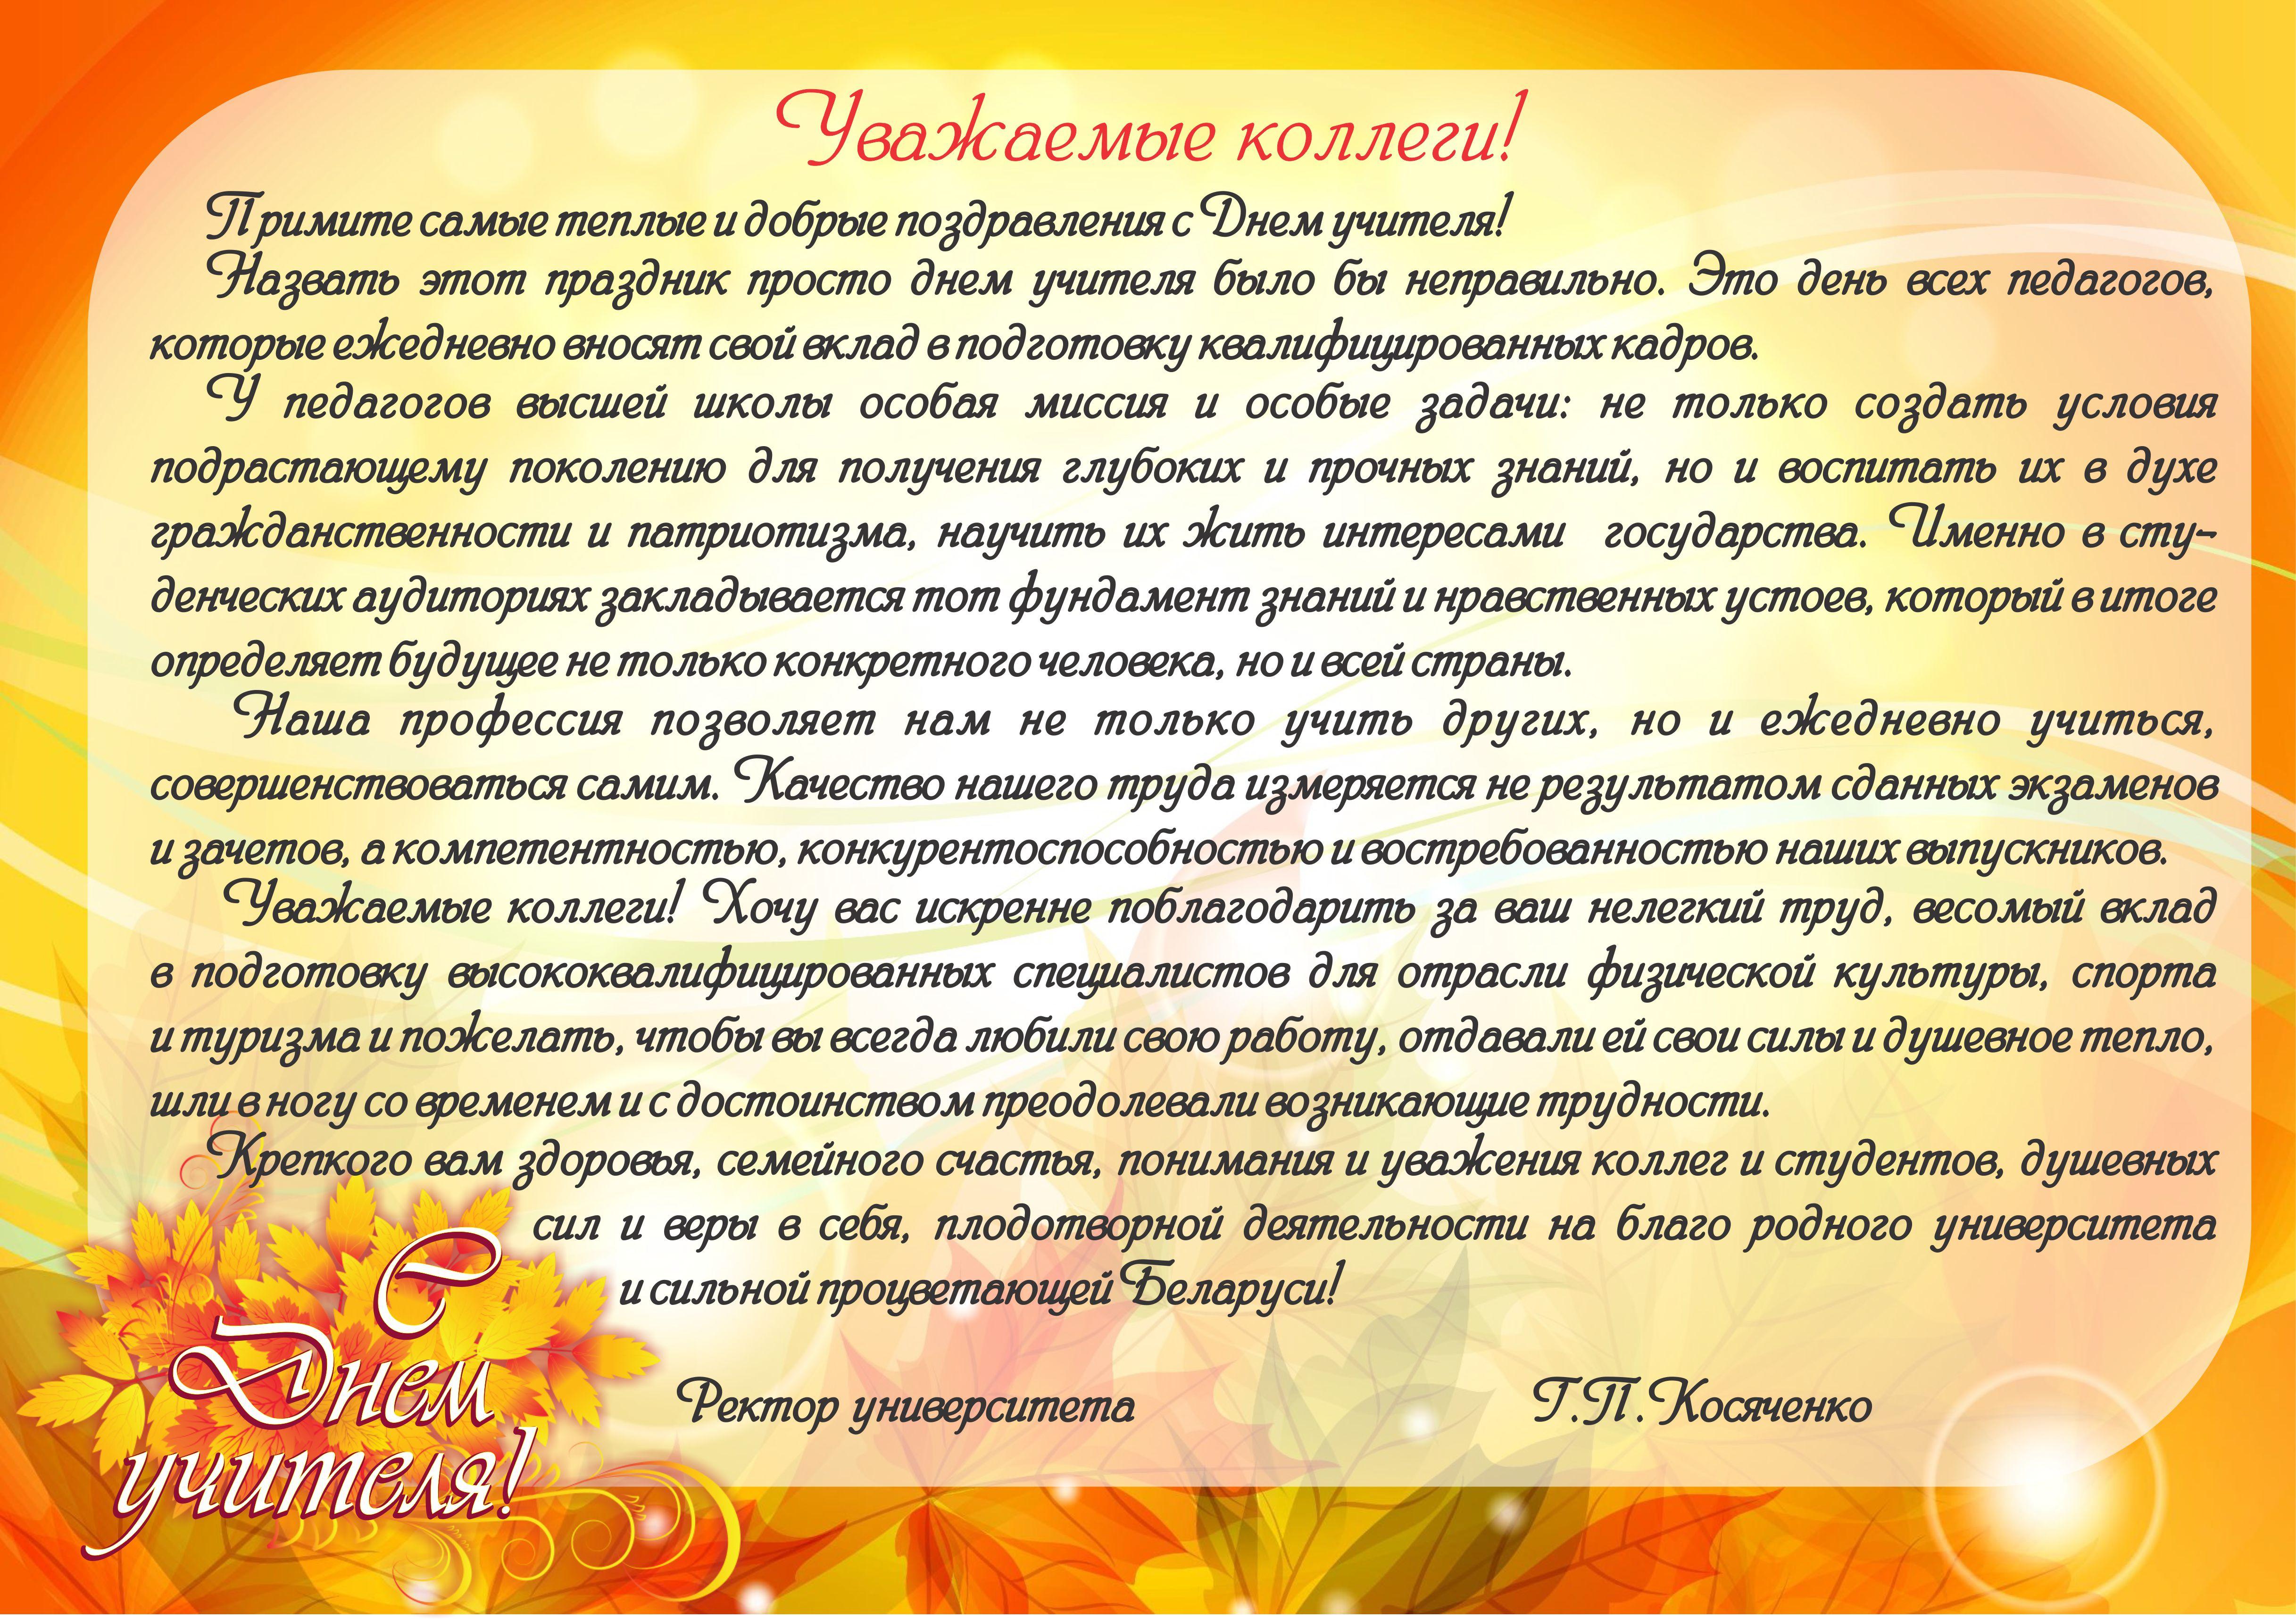 Поздравления учителю на белорусском языке